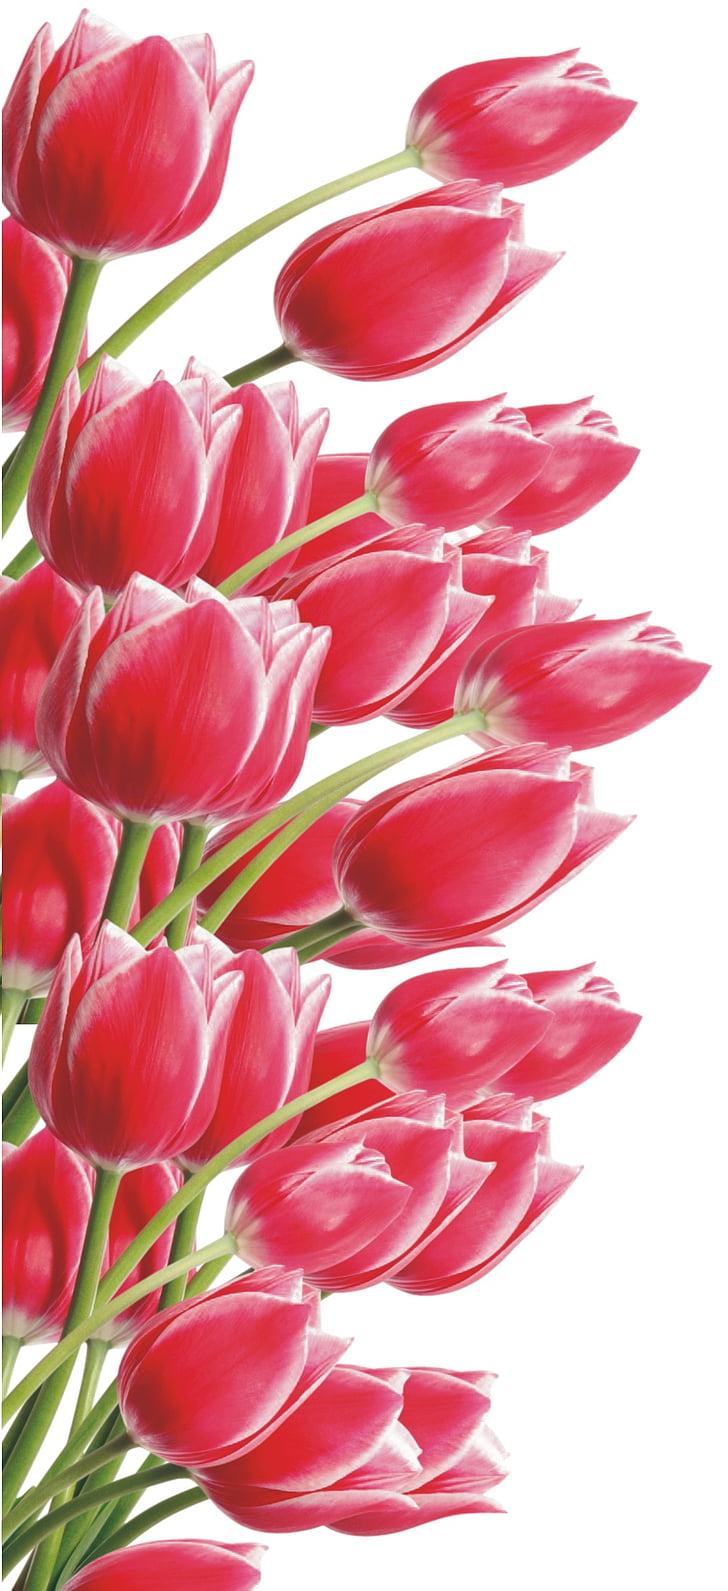 ลิลลี่, ดอกไม้, สีแดง, ช่อดอกไม้, เฉลิมฉลอง, สง่างาม, ร้านดอกไม้